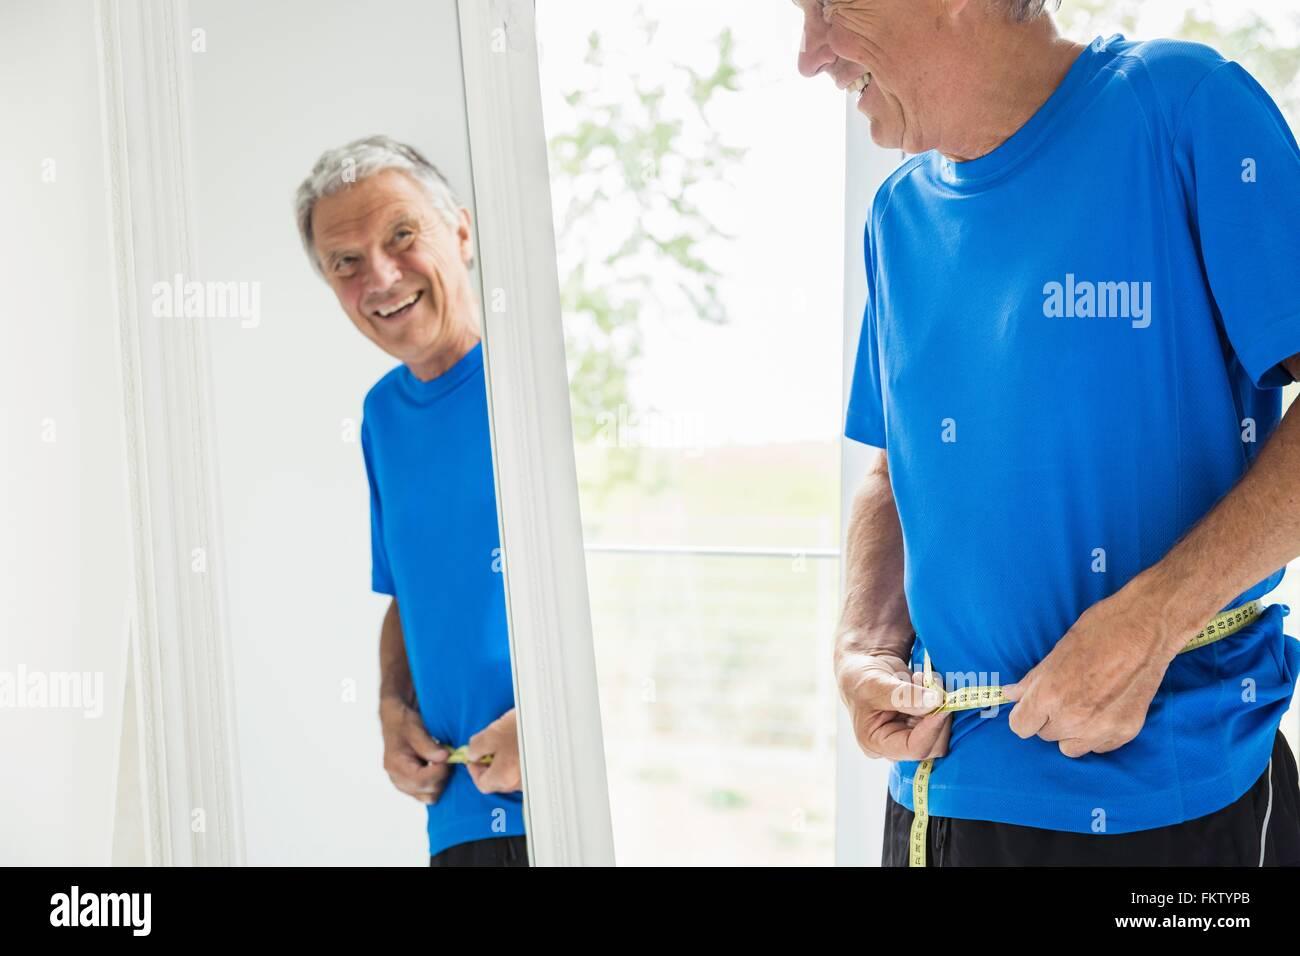 Felice l'uomo senior misurando la sua vita mentre cercando in specchio Immagini Stock